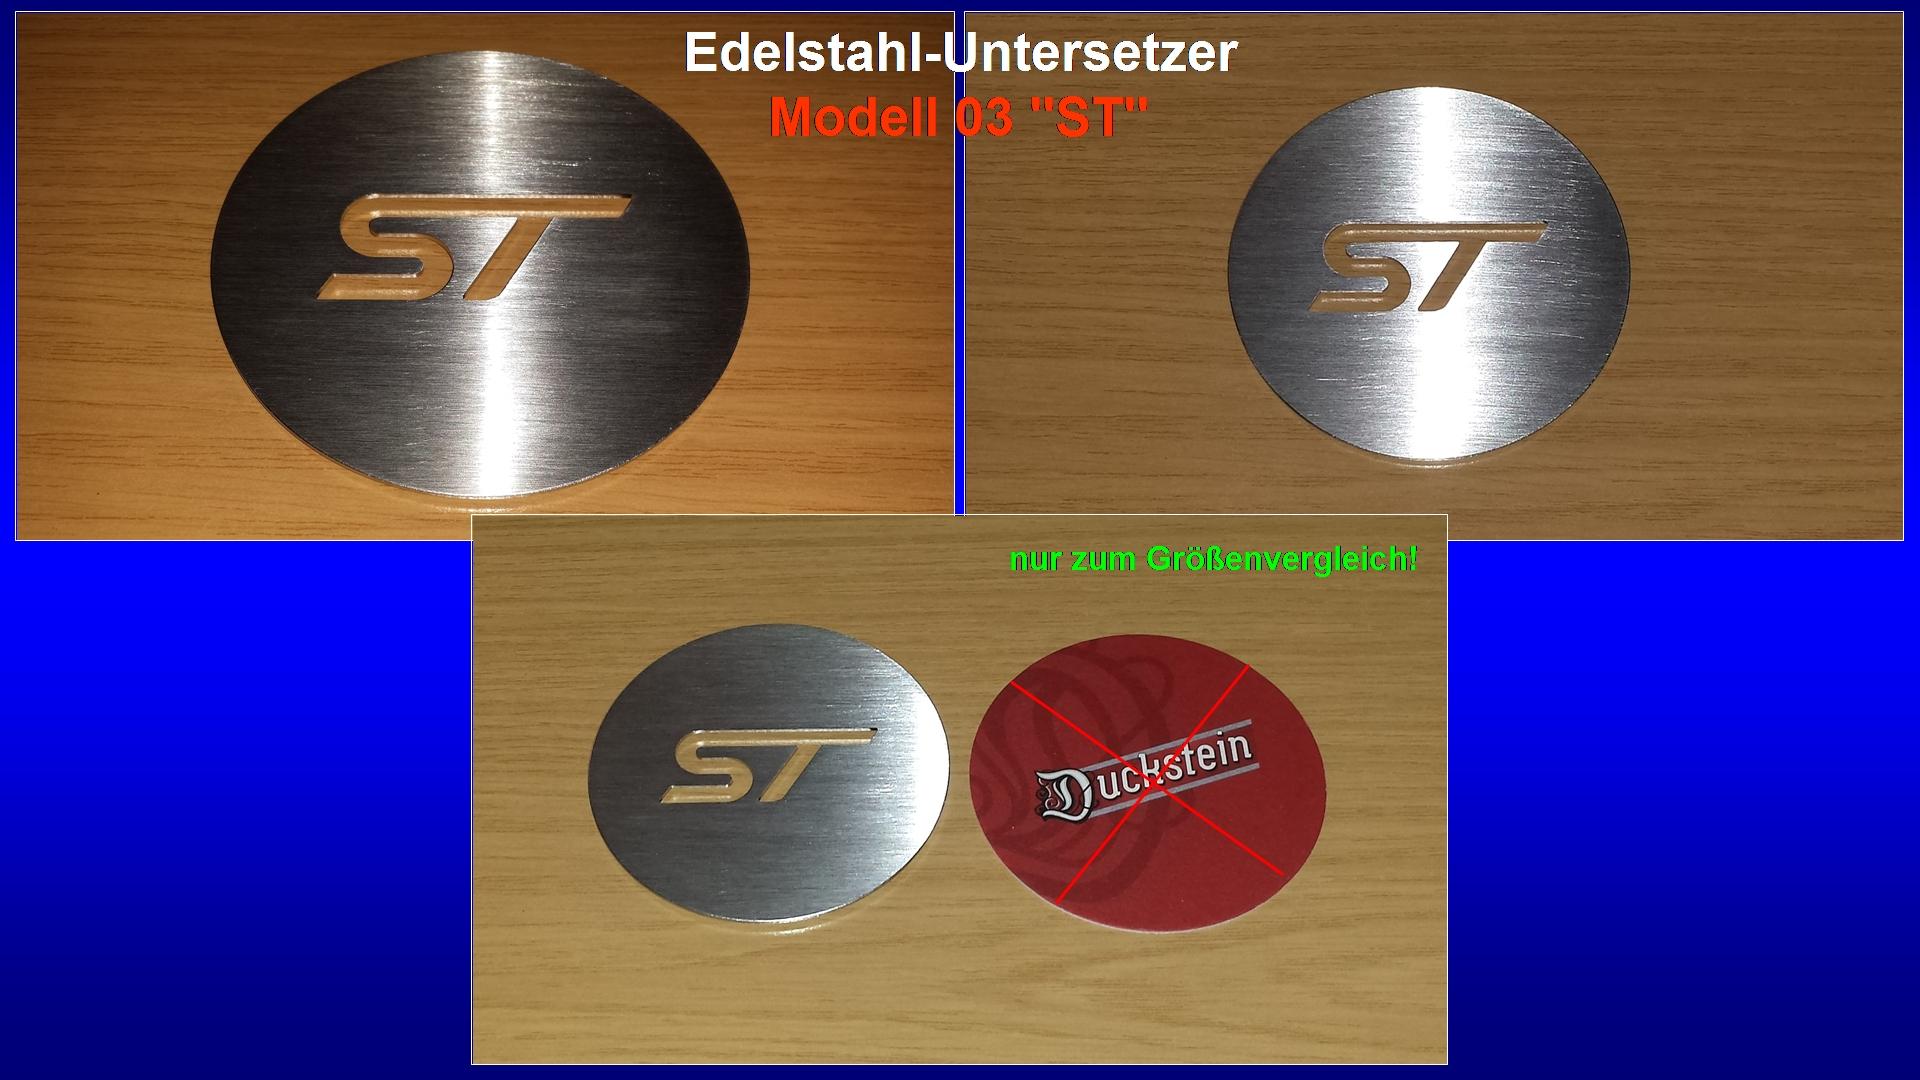 Präsentation Edelstahl-Untersetzer Modell 03 ''ST''.jpg